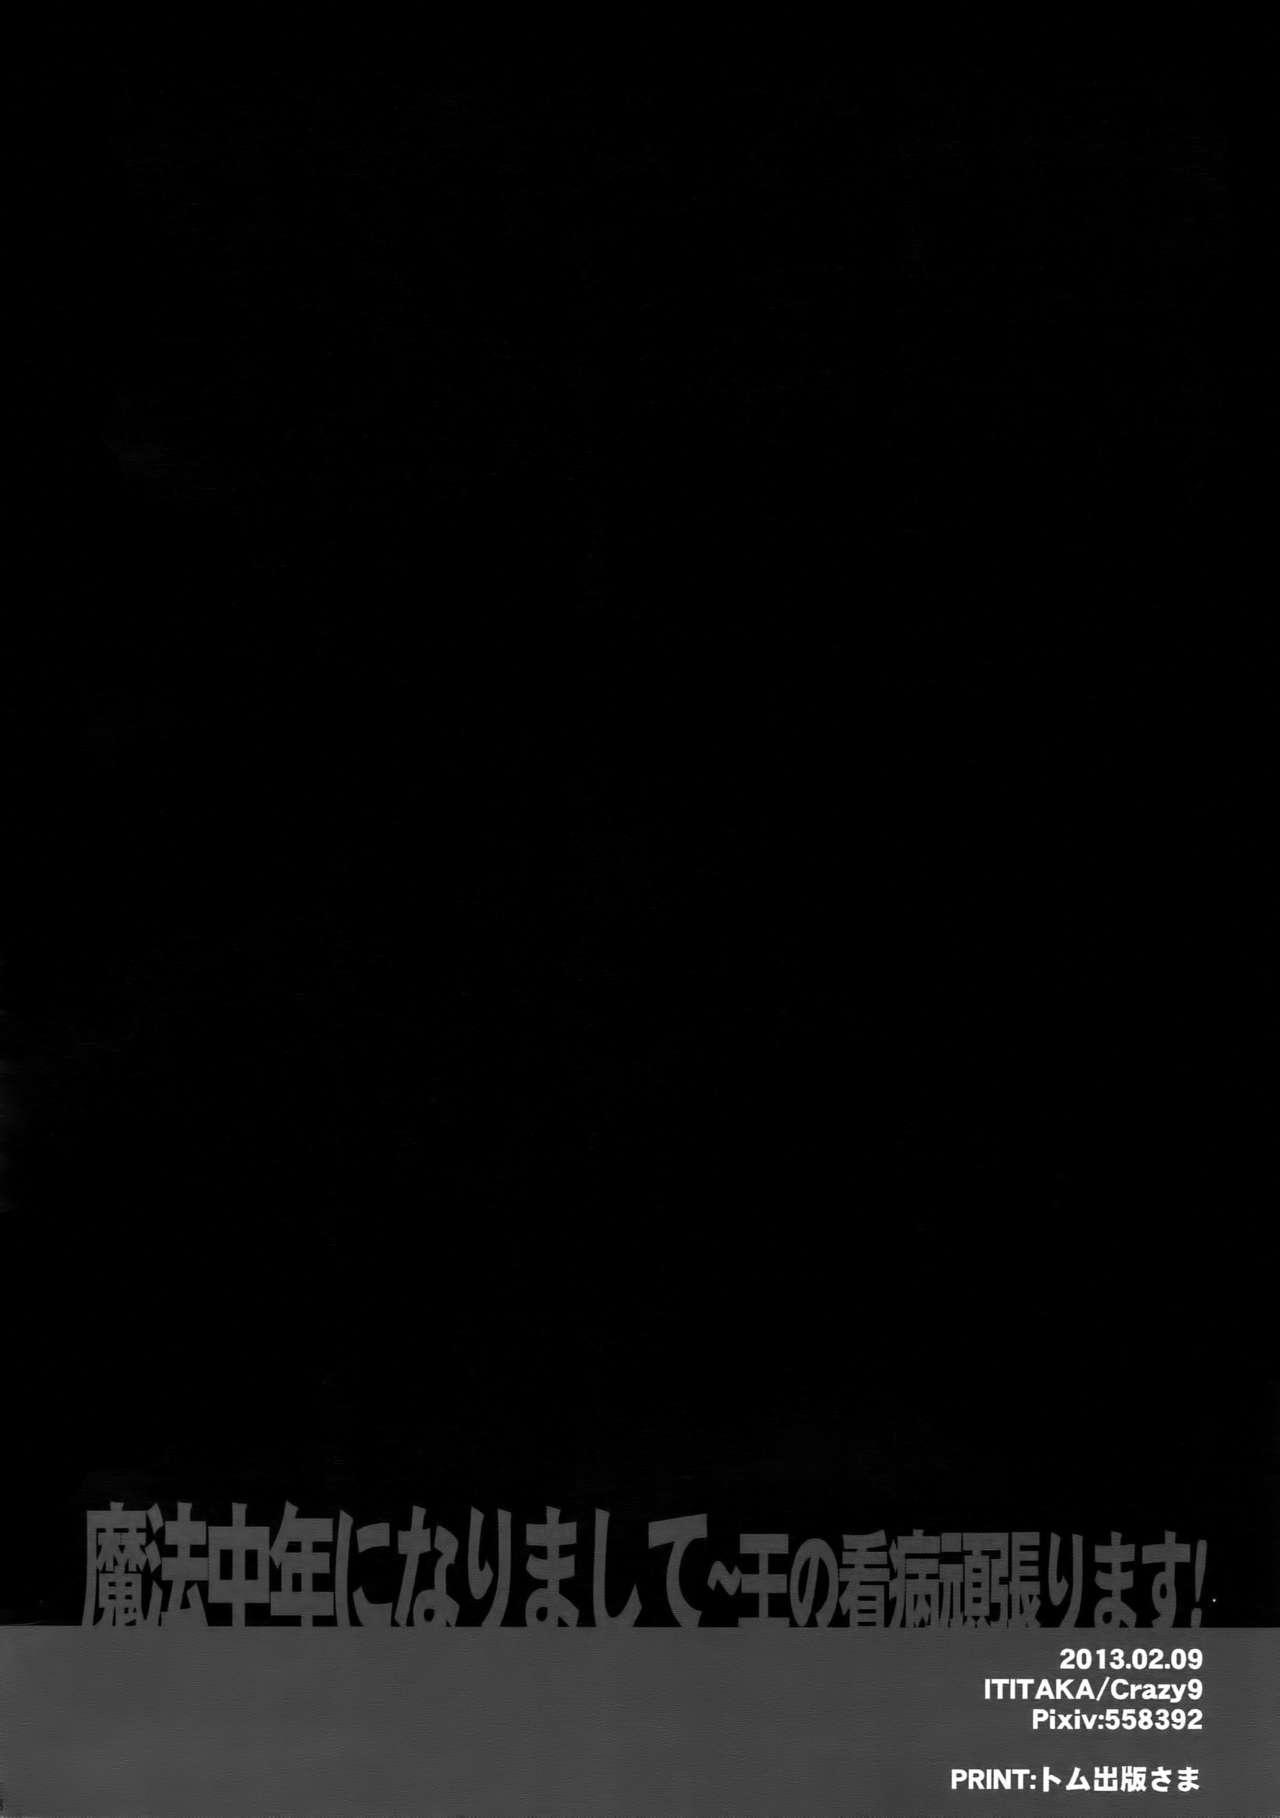 Mahou Chuunen ni Narimashite ~Ou no kanbyou Ganbari Masu! 25